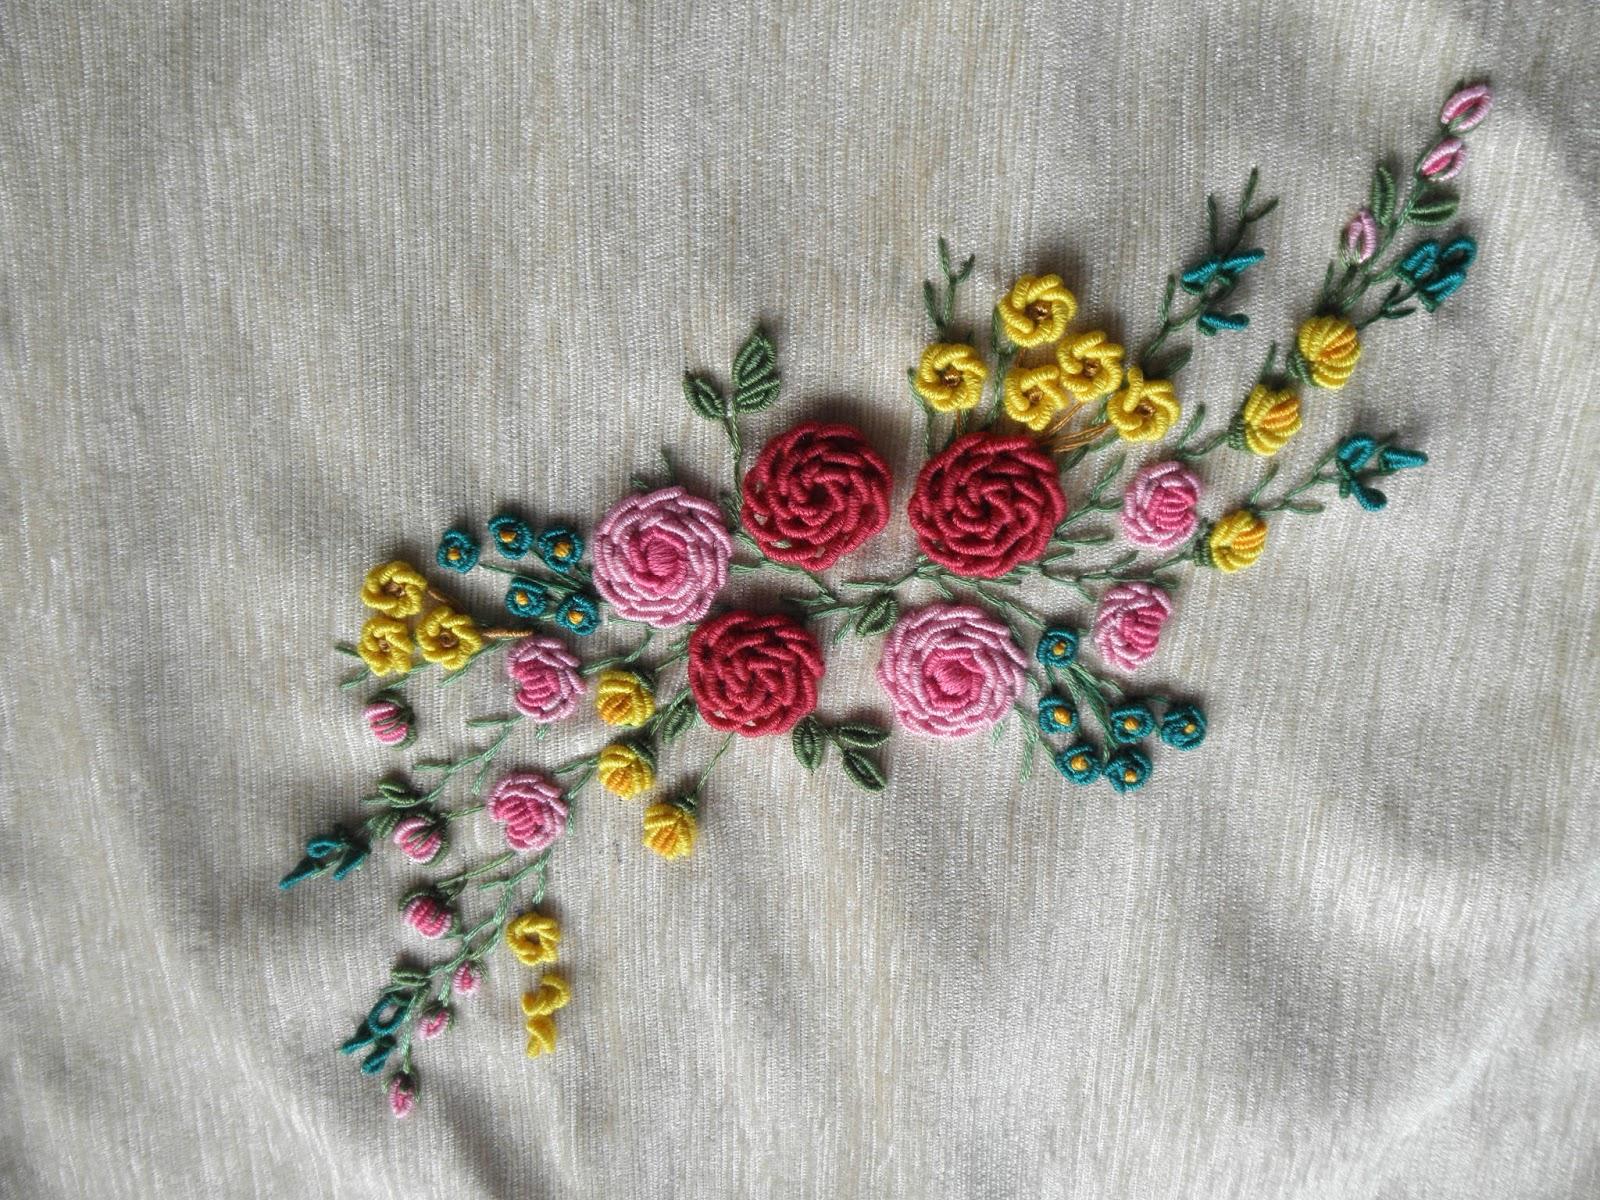 Embroidery Hyacinth: Bullion Stitch - 2nd design :)